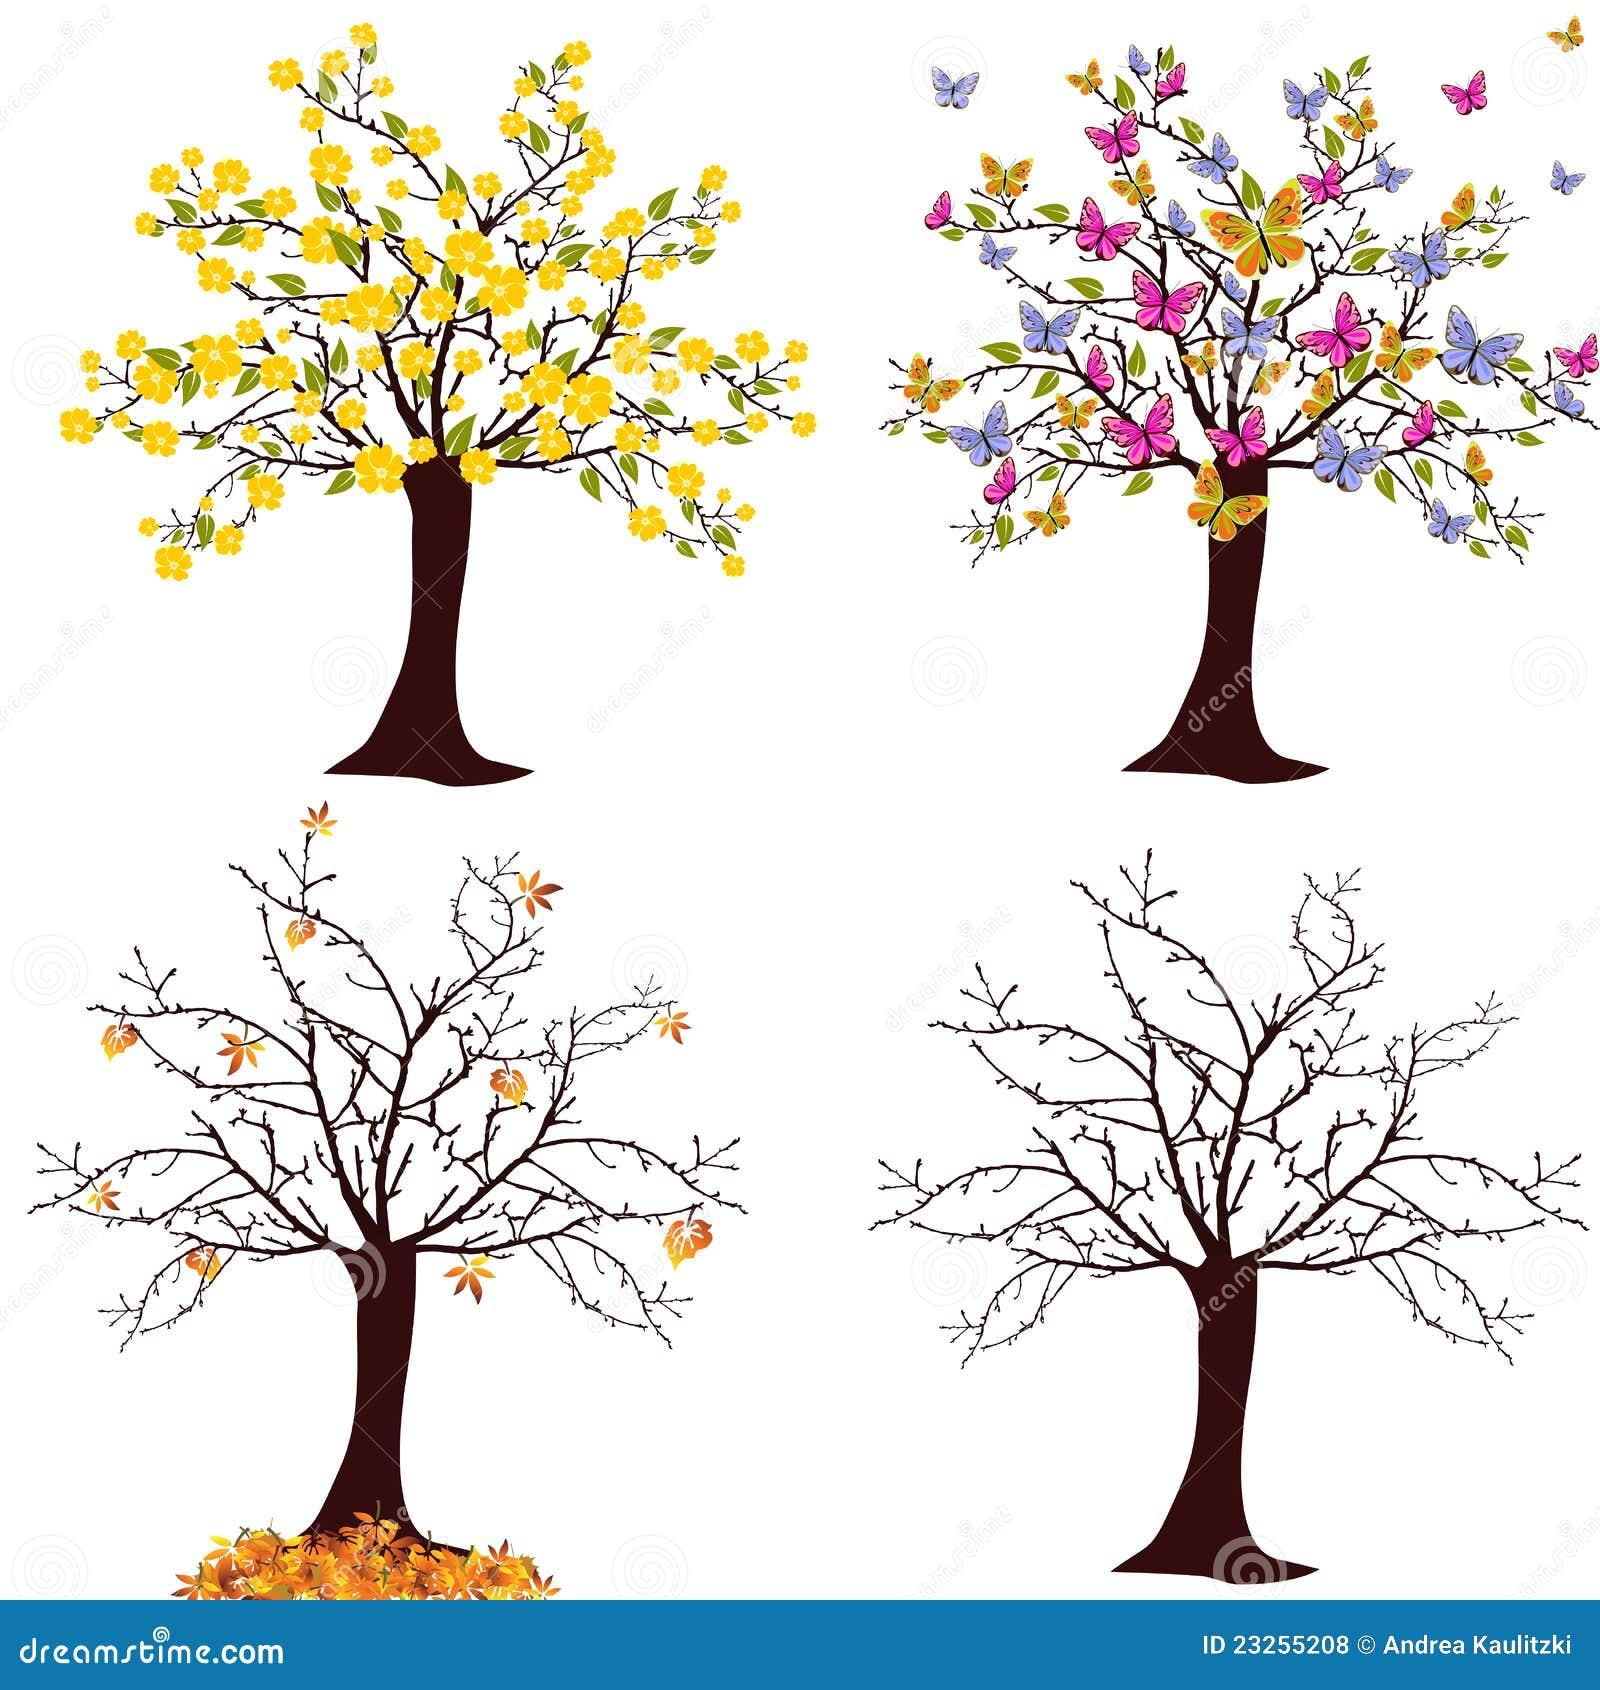 树的组成部分名称图片图片